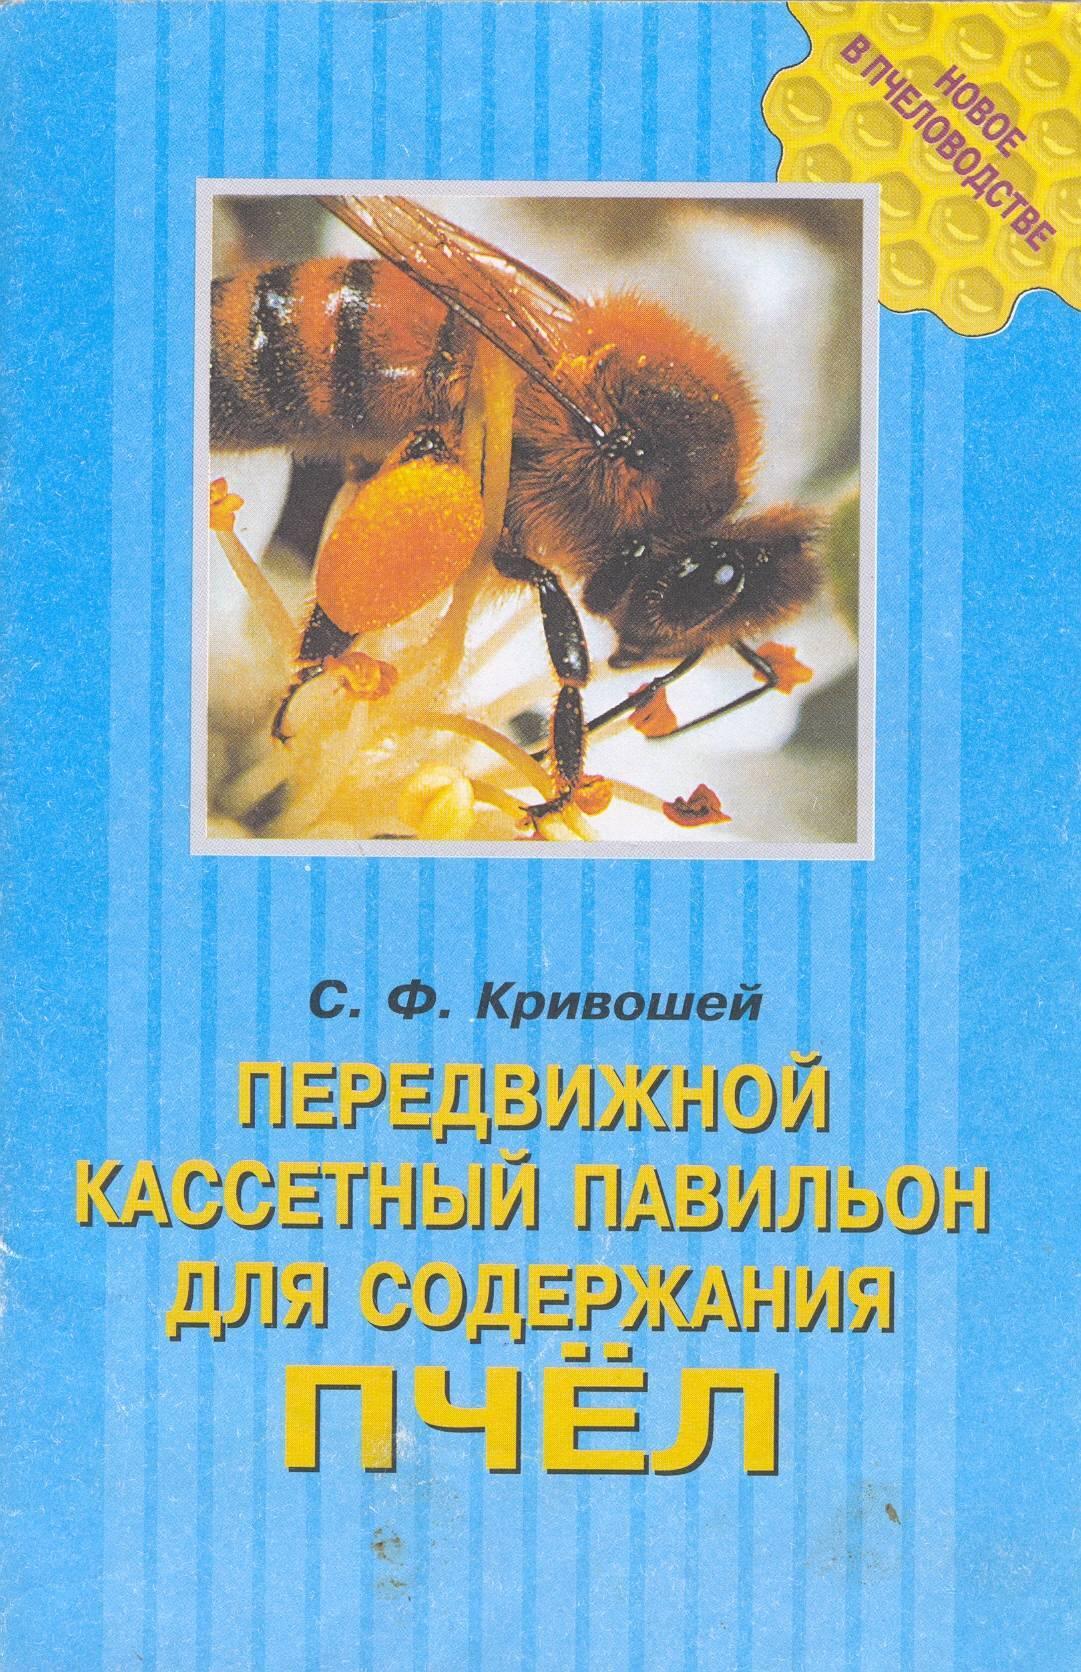 Строительство кассетного павильона для пчёл